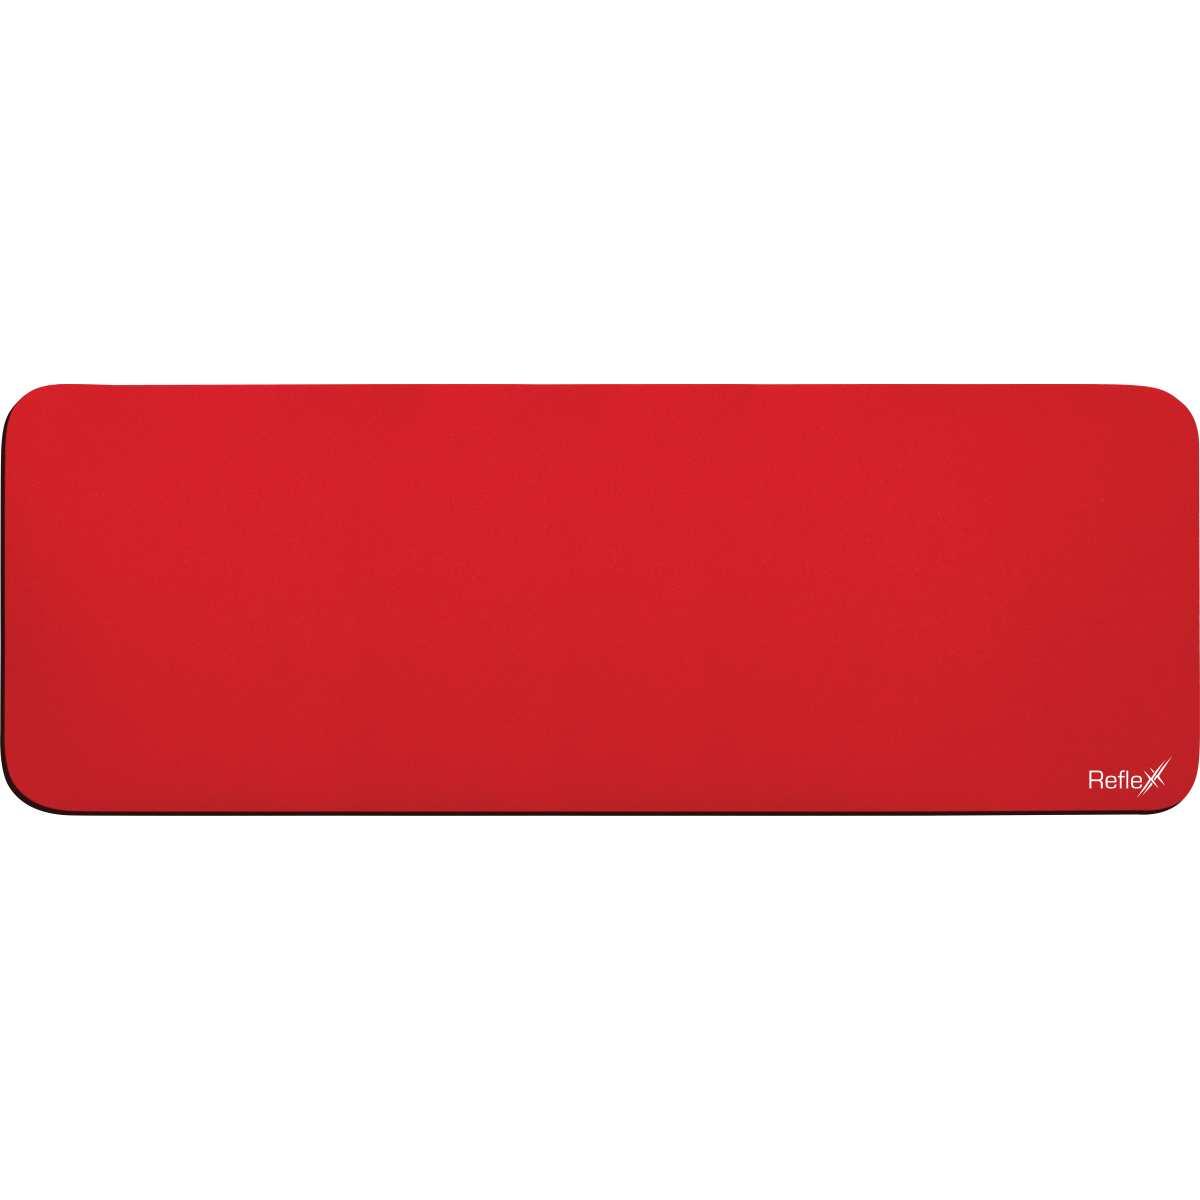 Mouse Pad | P/Teclado/Mouse Verm.75X27CM | Reflex